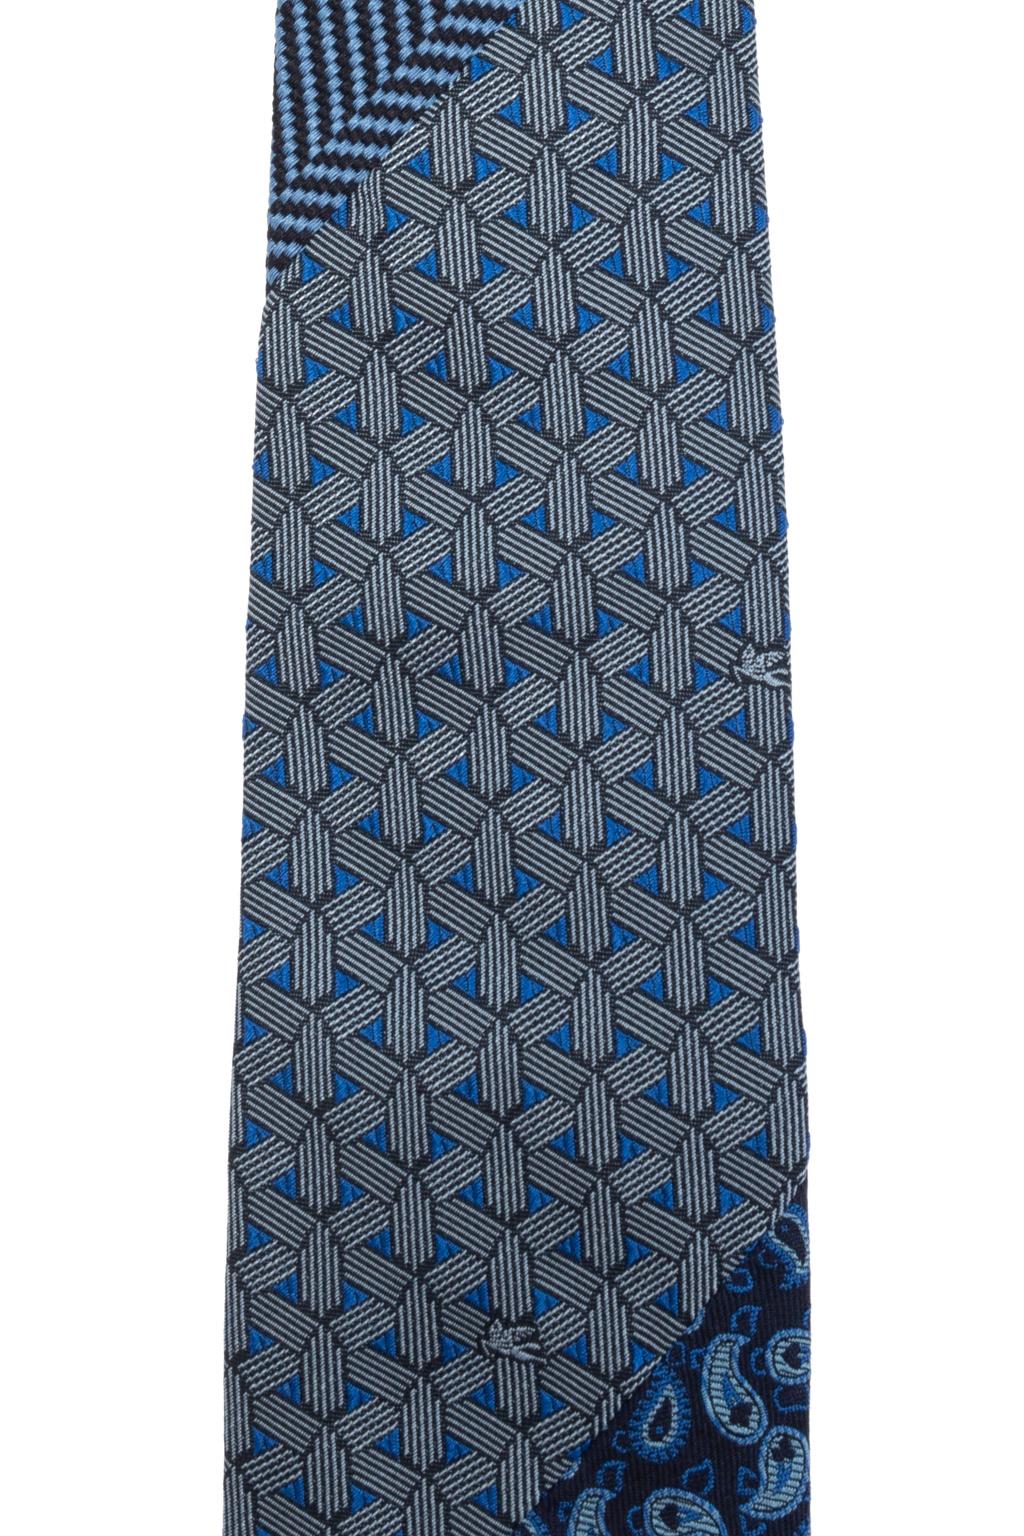 Etro Silk tie